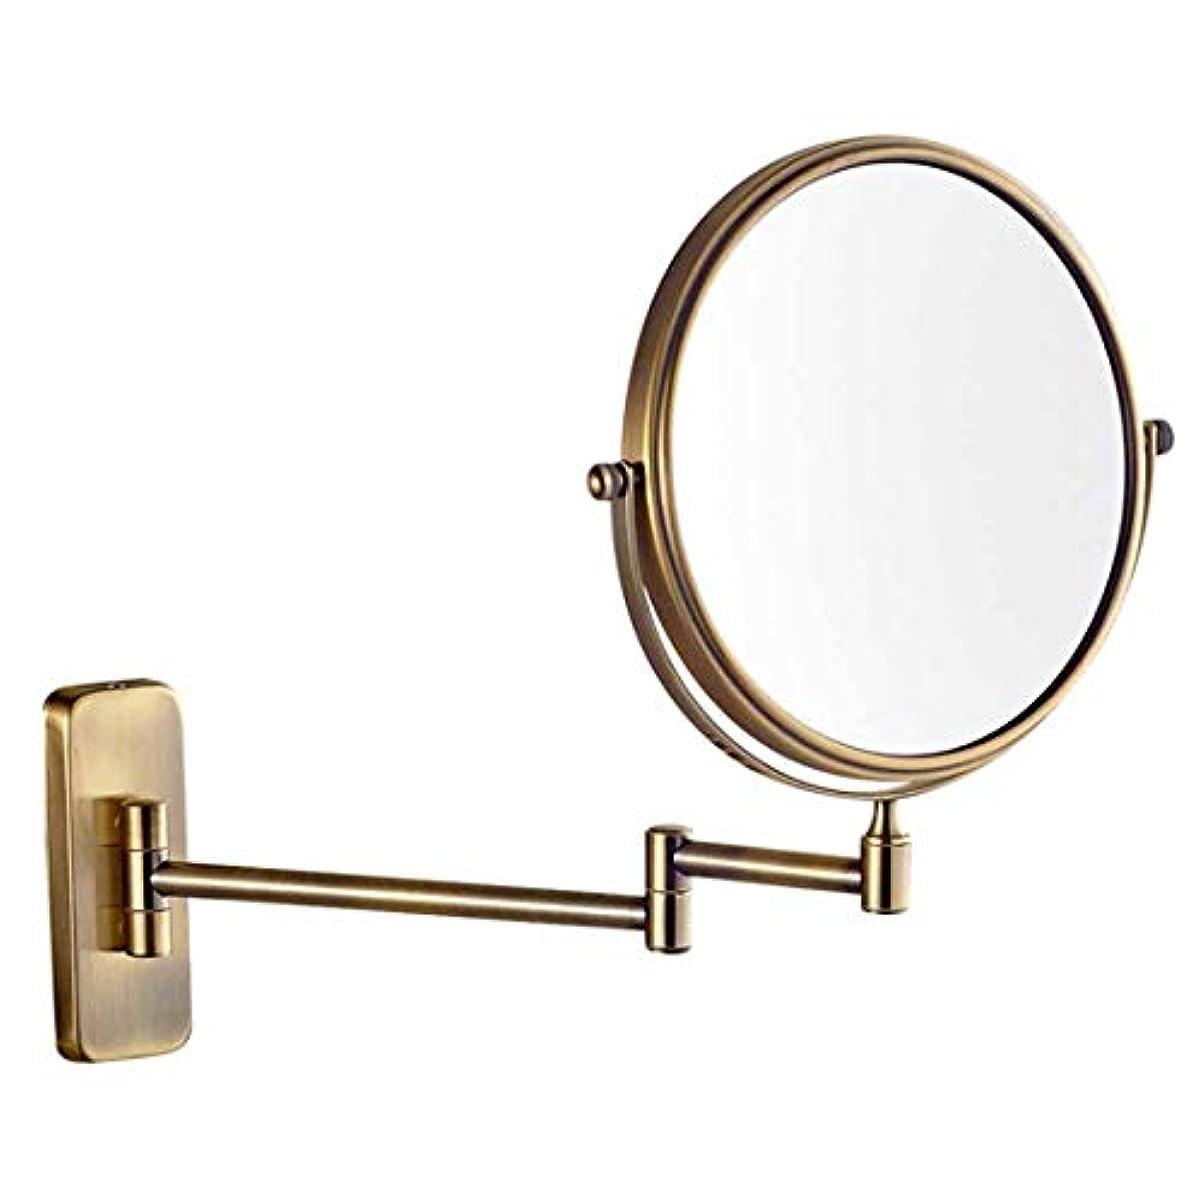 成果刻むフルート3倍(5倍、7倍、10倍)拡大壁掛けバスルーム化粧鏡ミラー両面シェービング化粧鏡,7X,20cm